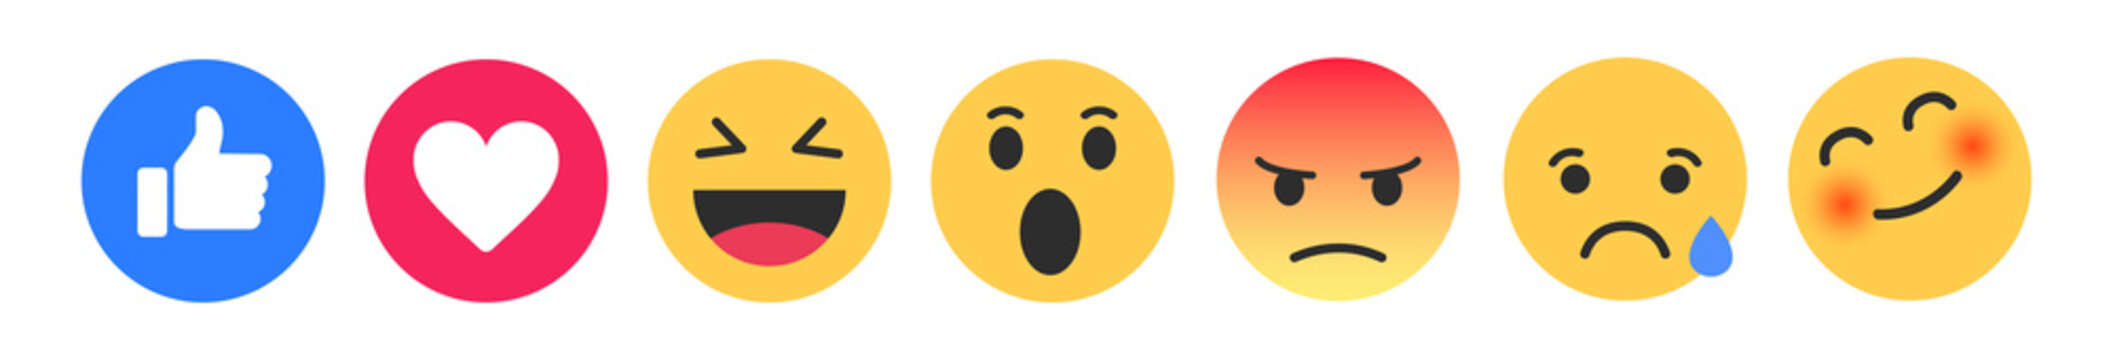 Set of cute smiley emoticons, emoji flat design for facebook